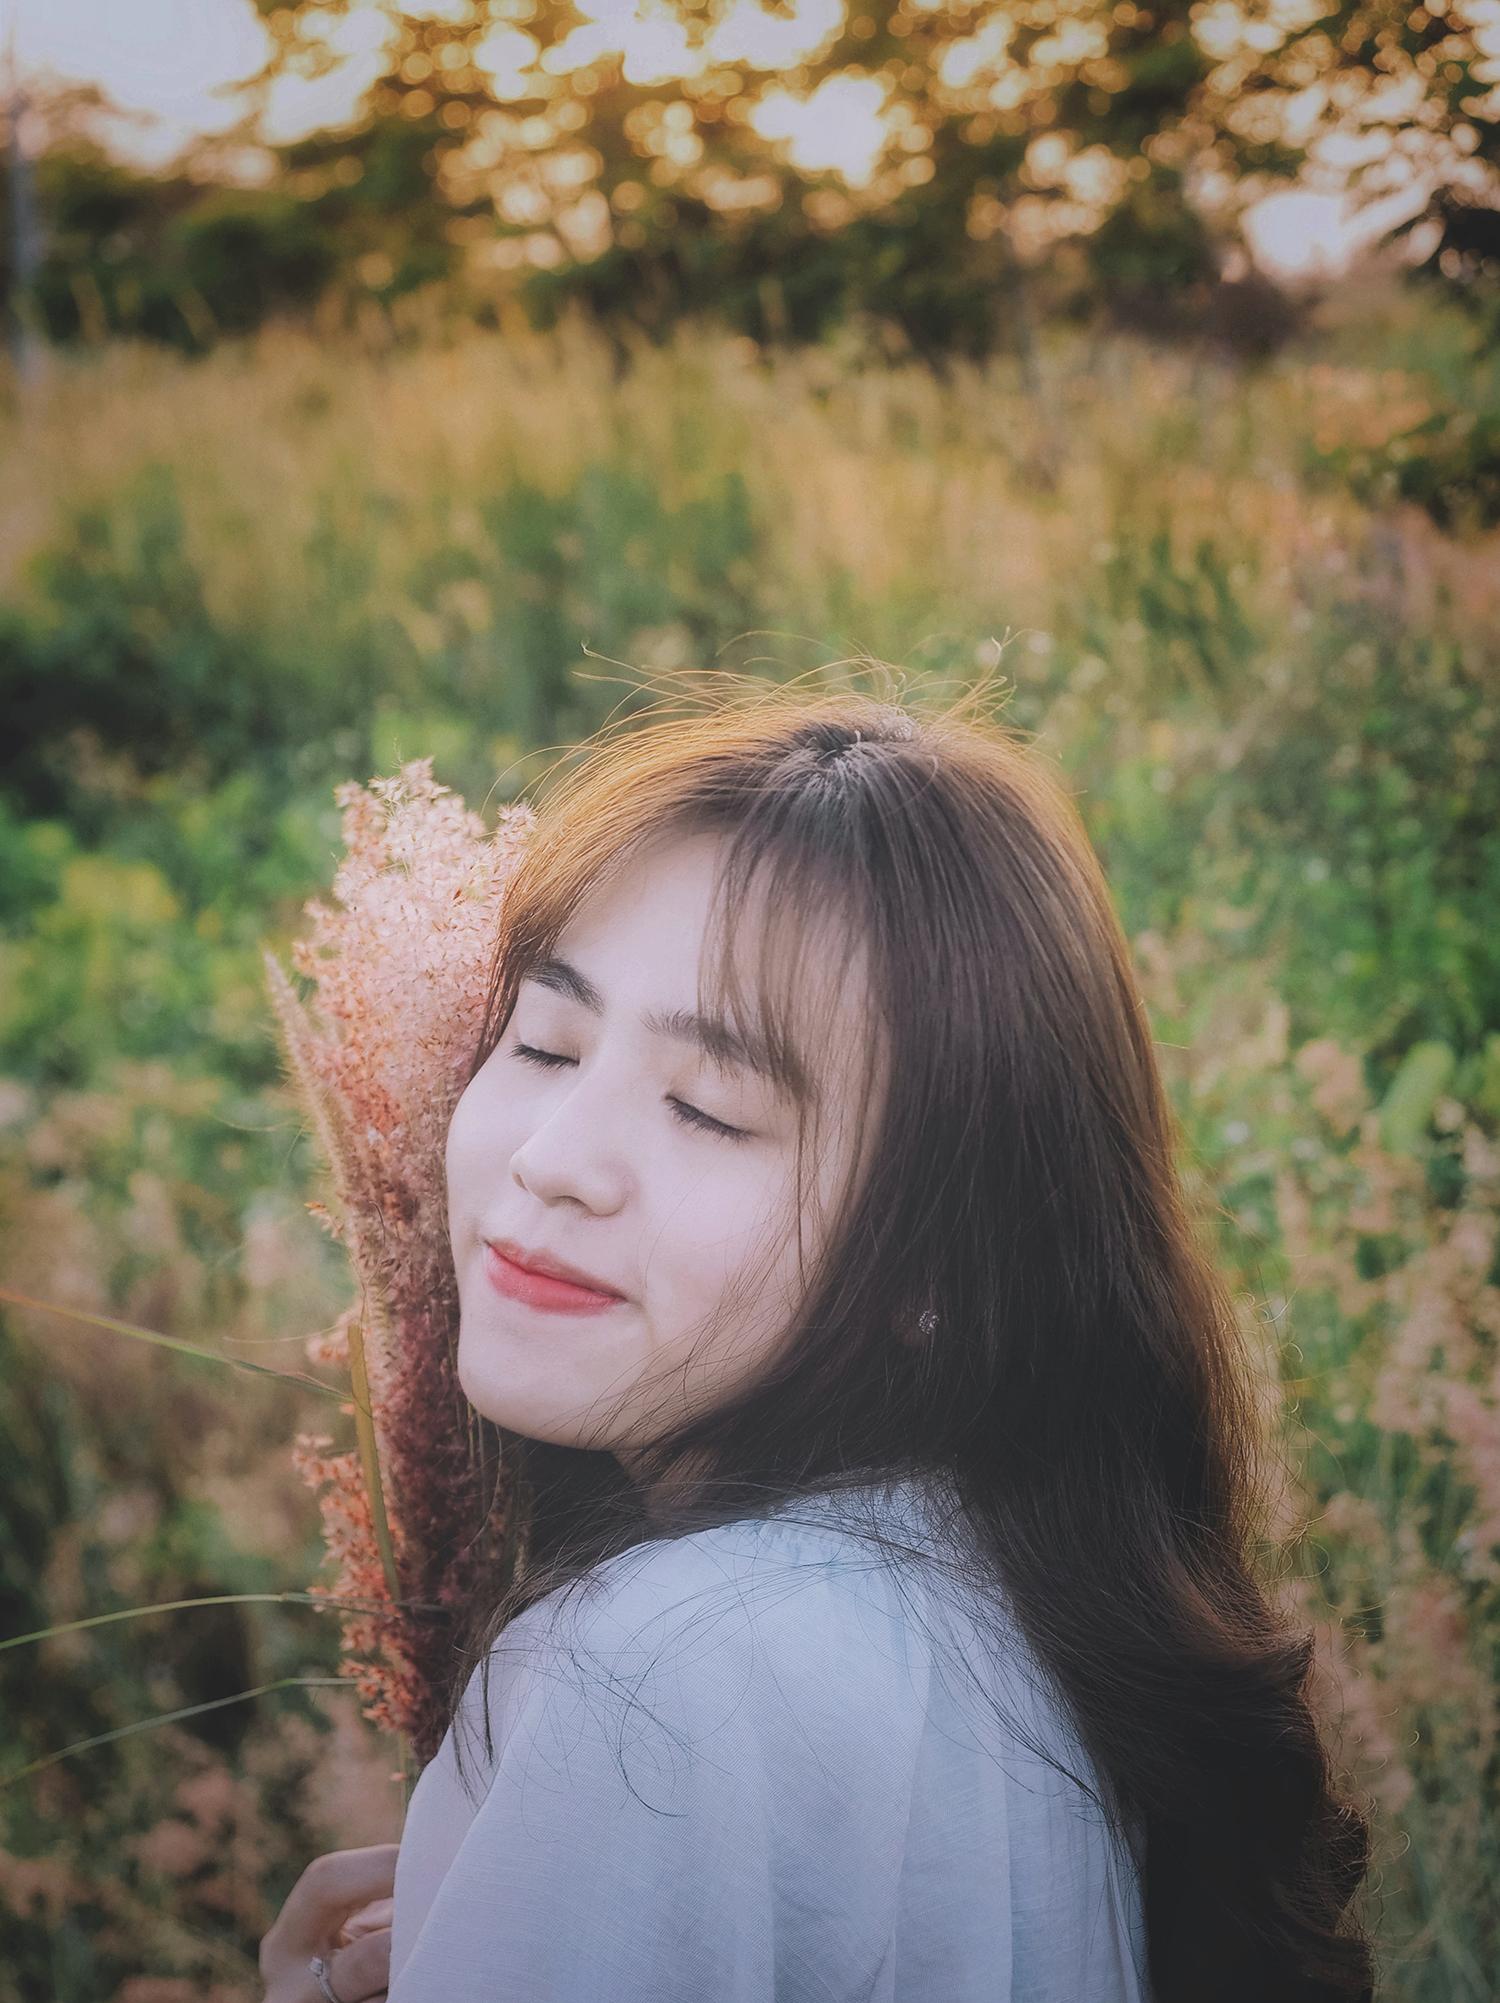 Tuyển mẫu ảnh chân dung ngoại cảnh tại Đà Nẵng, Quảng Nam